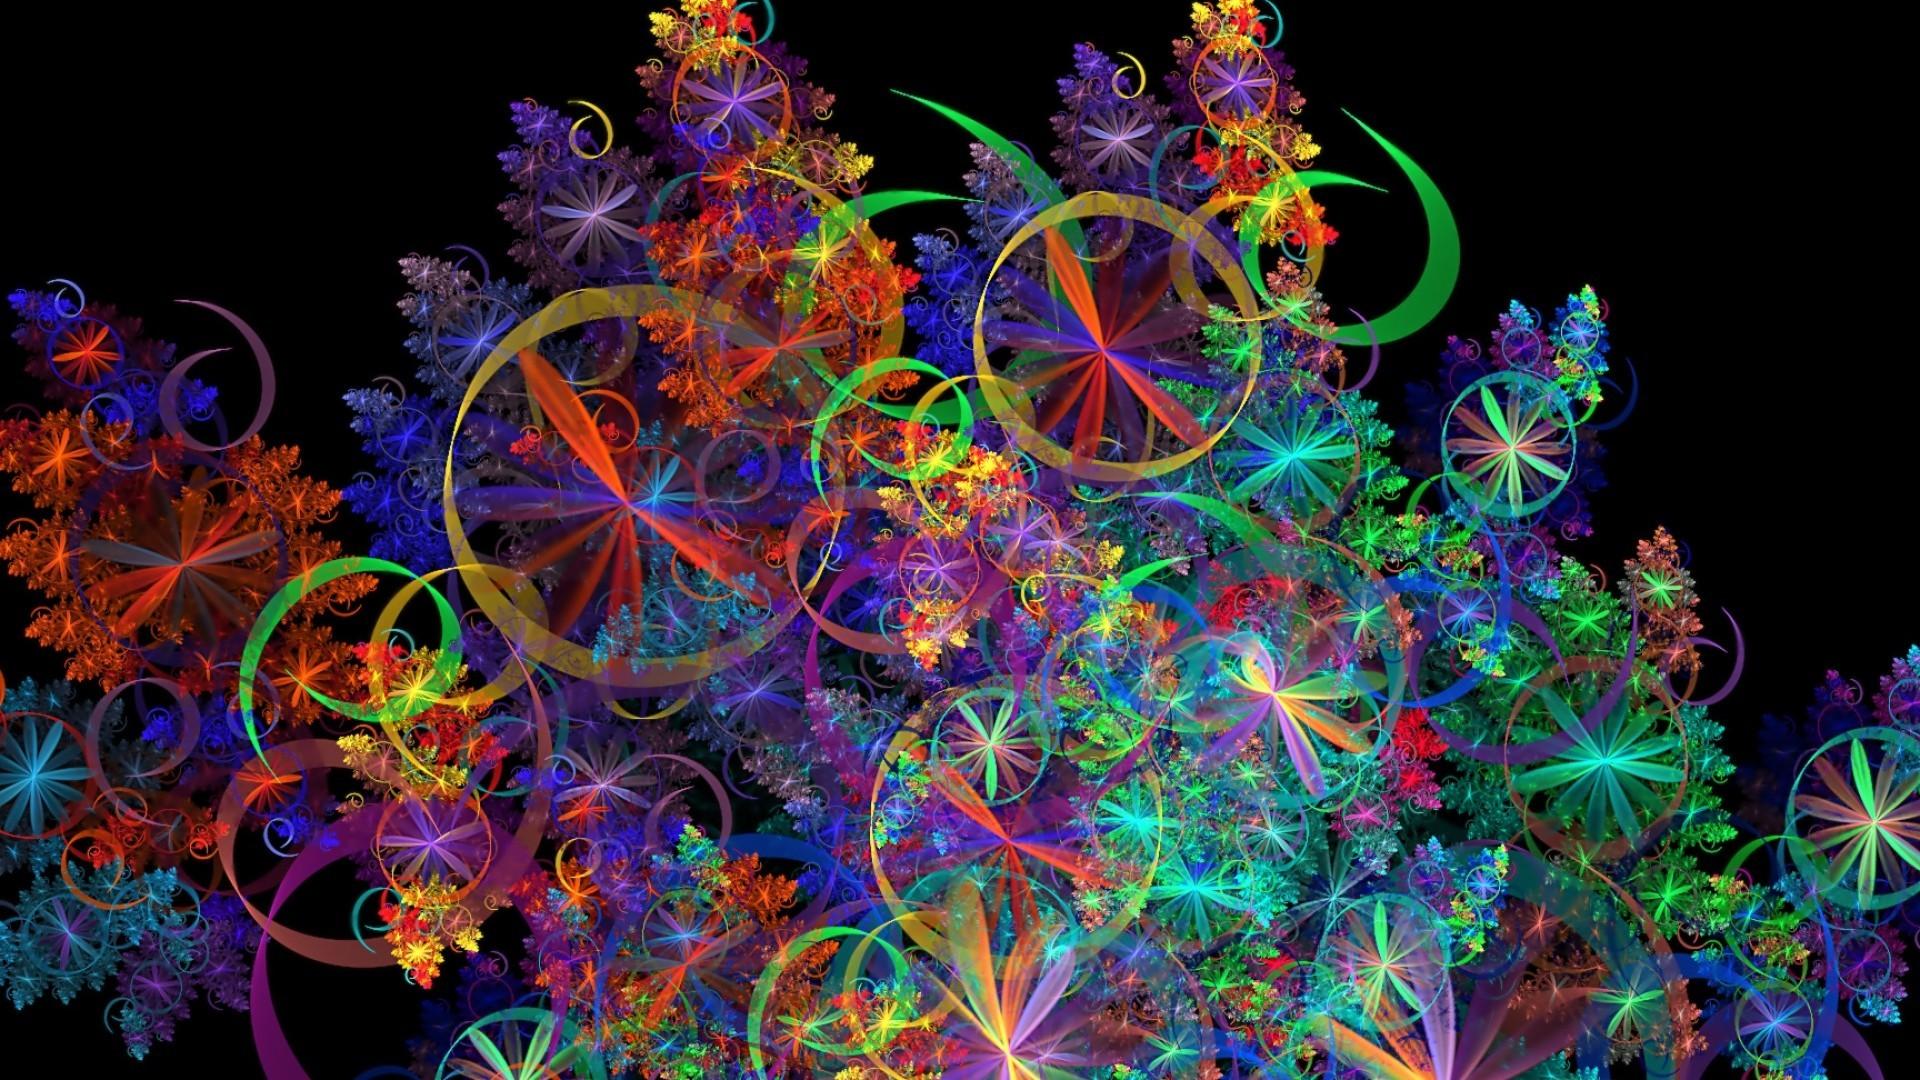 Sfondi colorati hd 86 immagini for Sfondi per desktop colorati